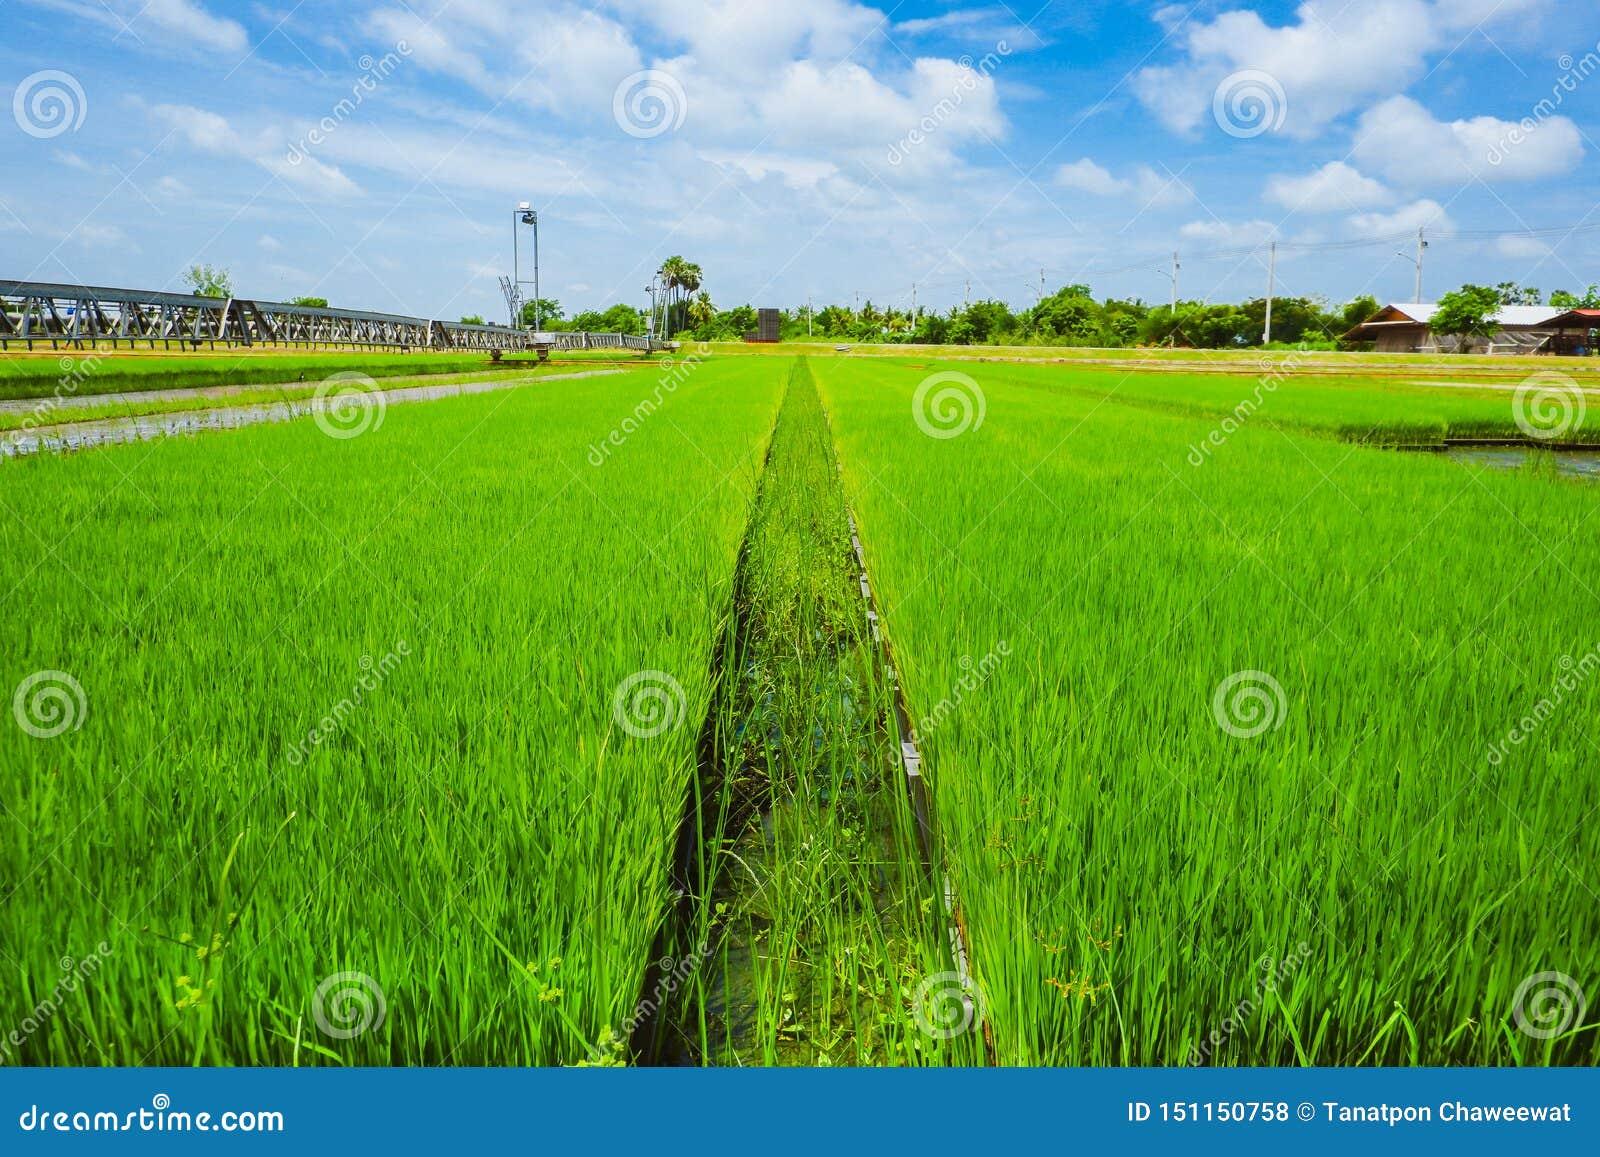 Asiatische thailändische Reisfelder mit blauer Himmel backgorund